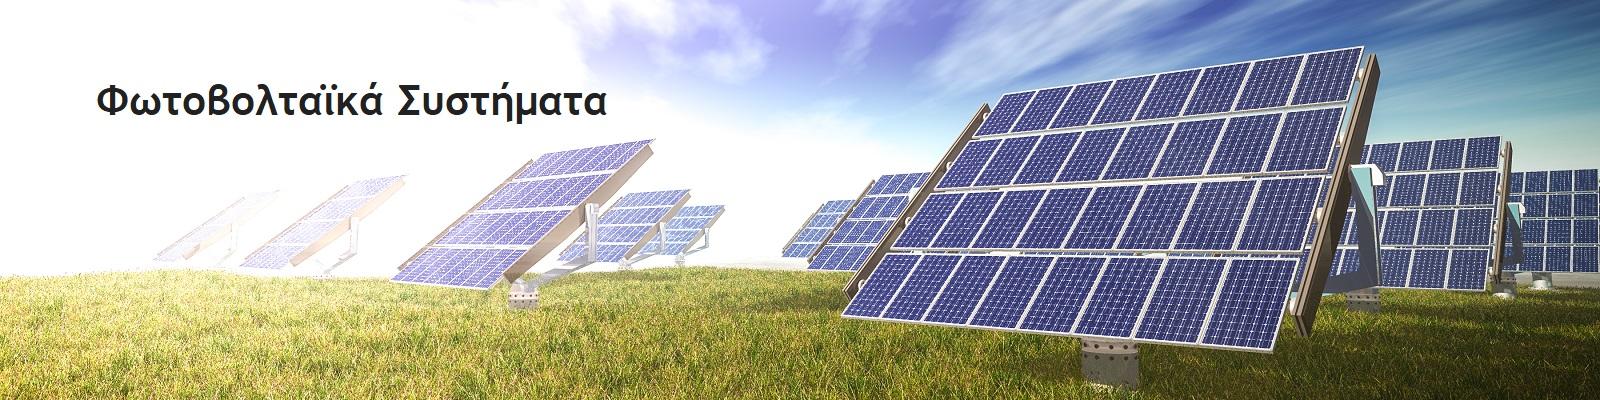 Φωτοβολταϊκά Συστήματα